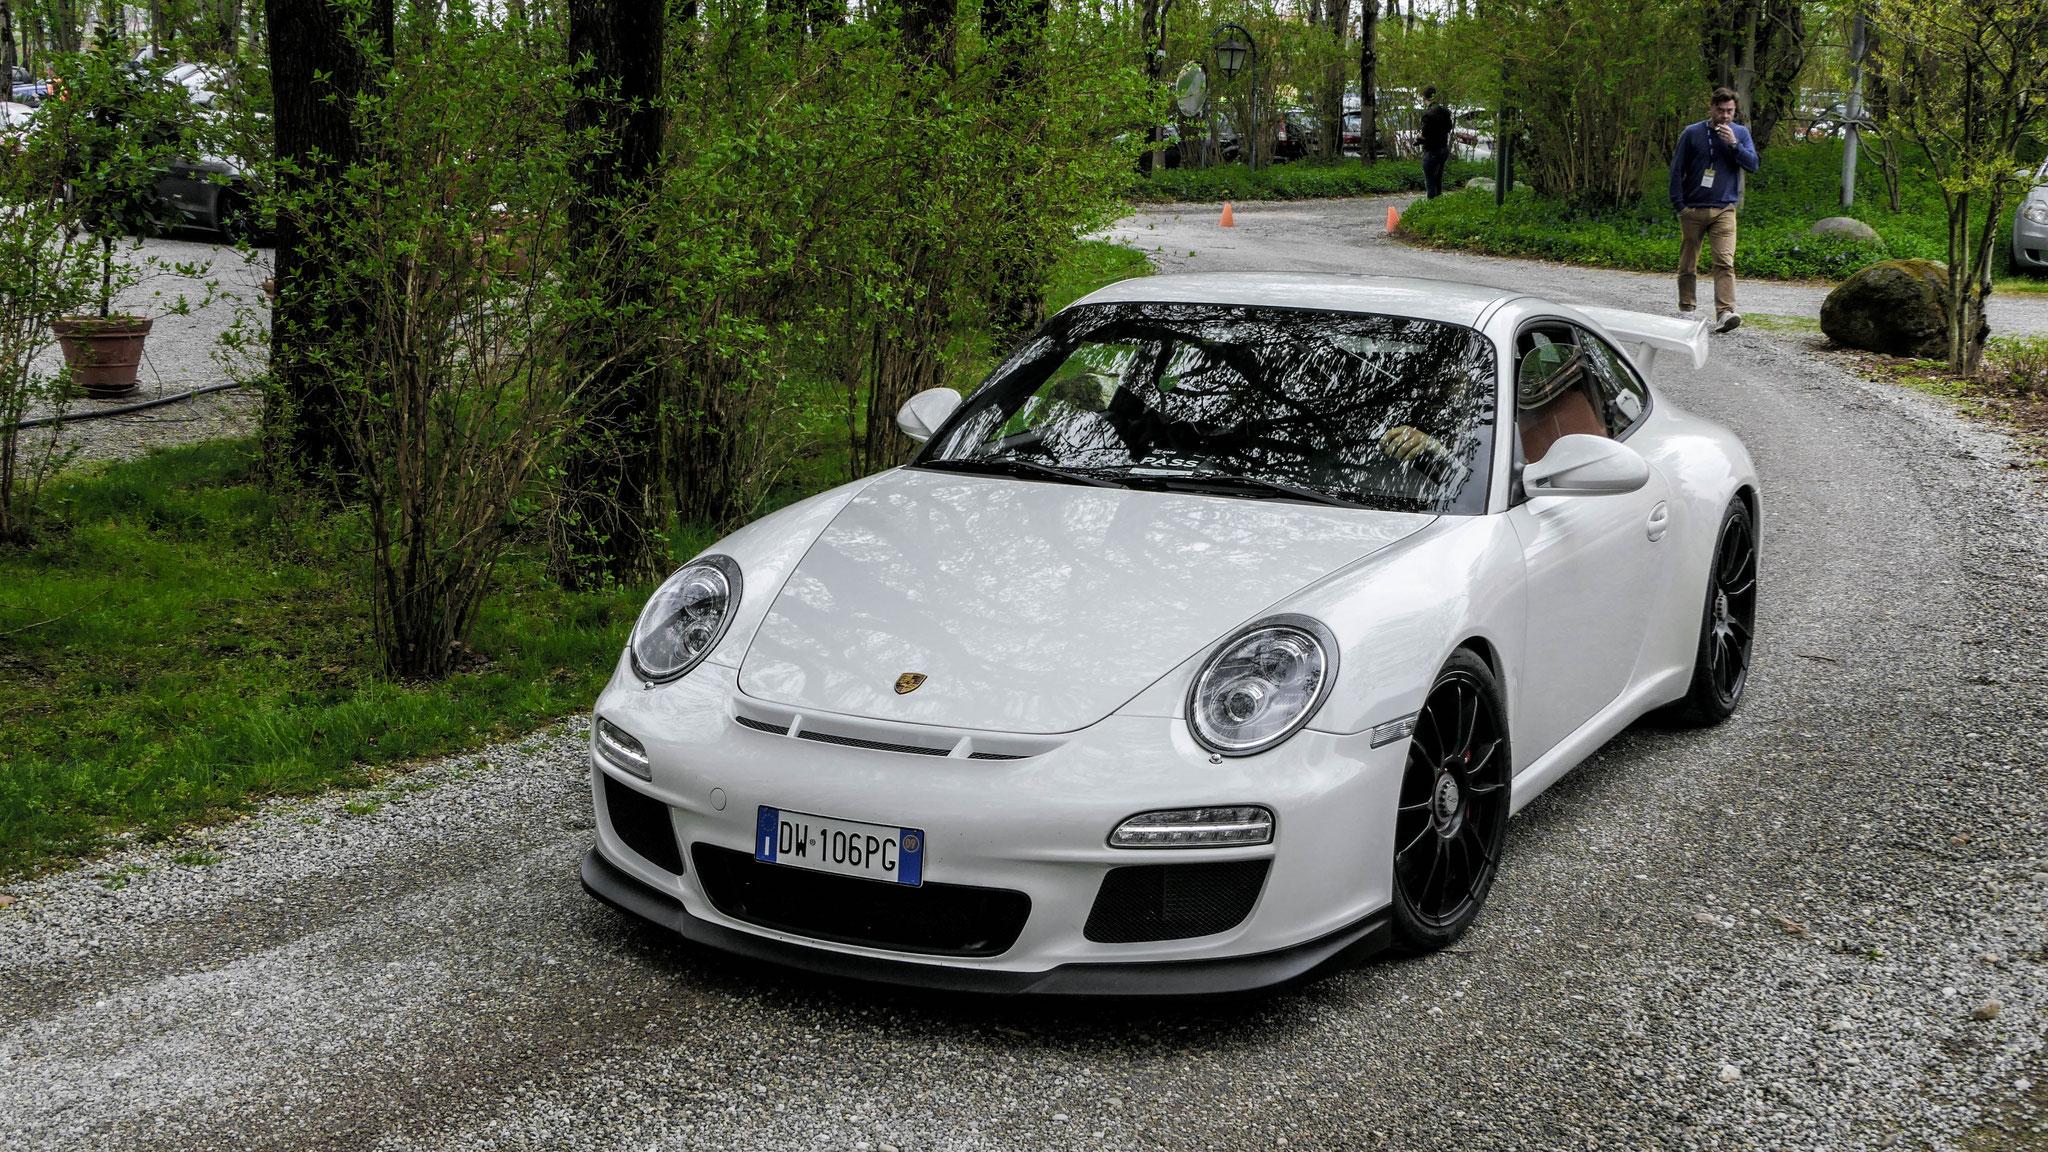 Porsche GT3 997 - DM-106-PG (ITA)